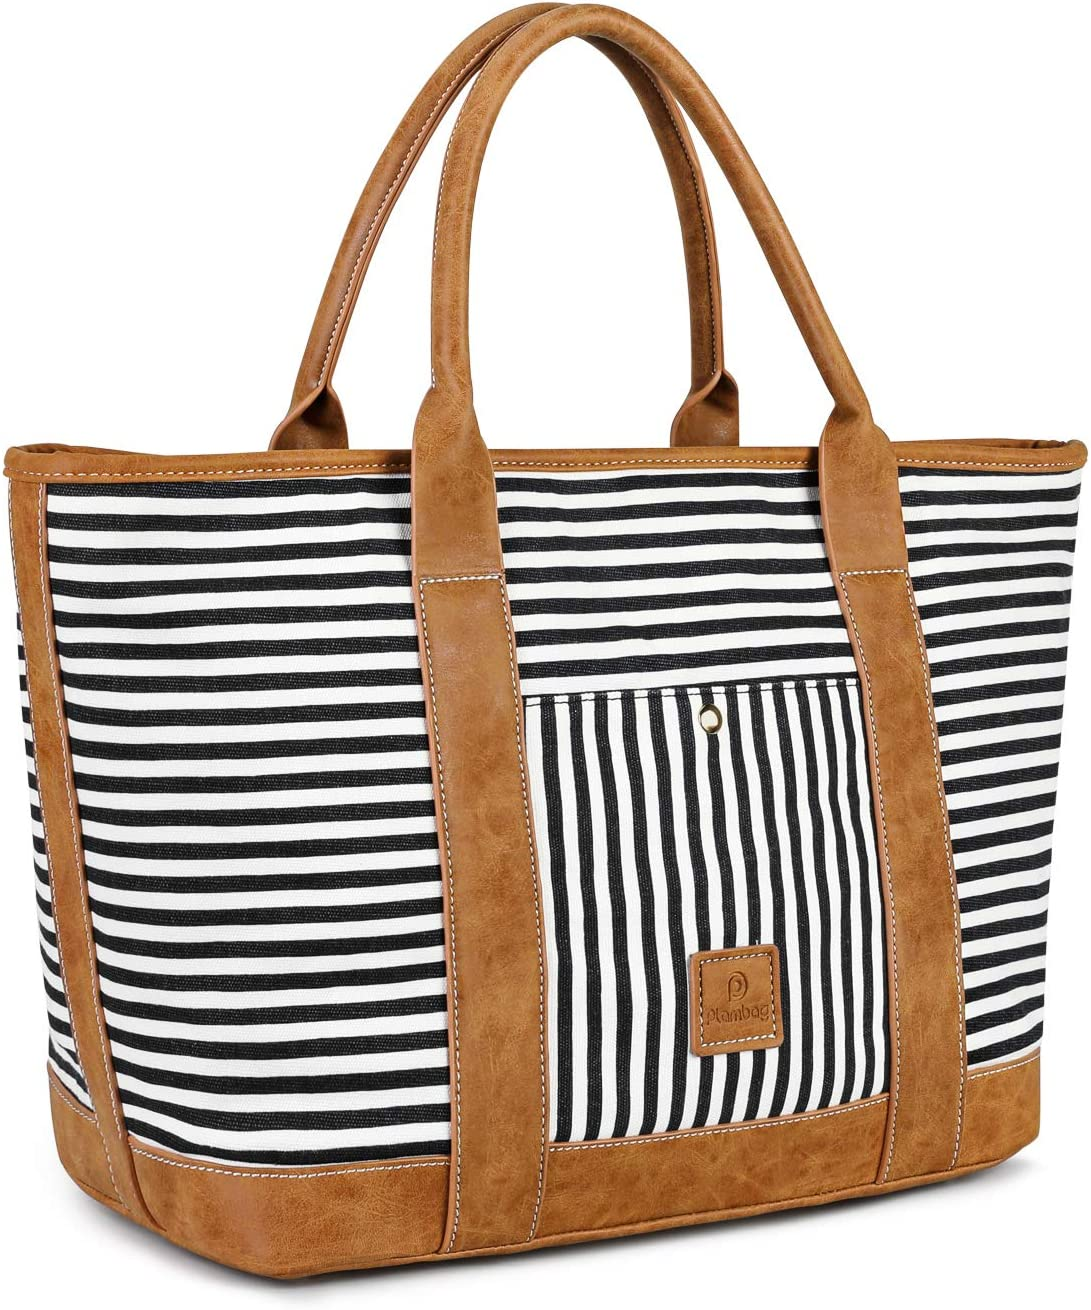 """Plambag Travel Tote bag for Women, Beach Shoulder bag, Large Water-repellent Canvas Stripe Shoulder Handbag, 15.6"""" Laptop Tote Bag(Black)"""